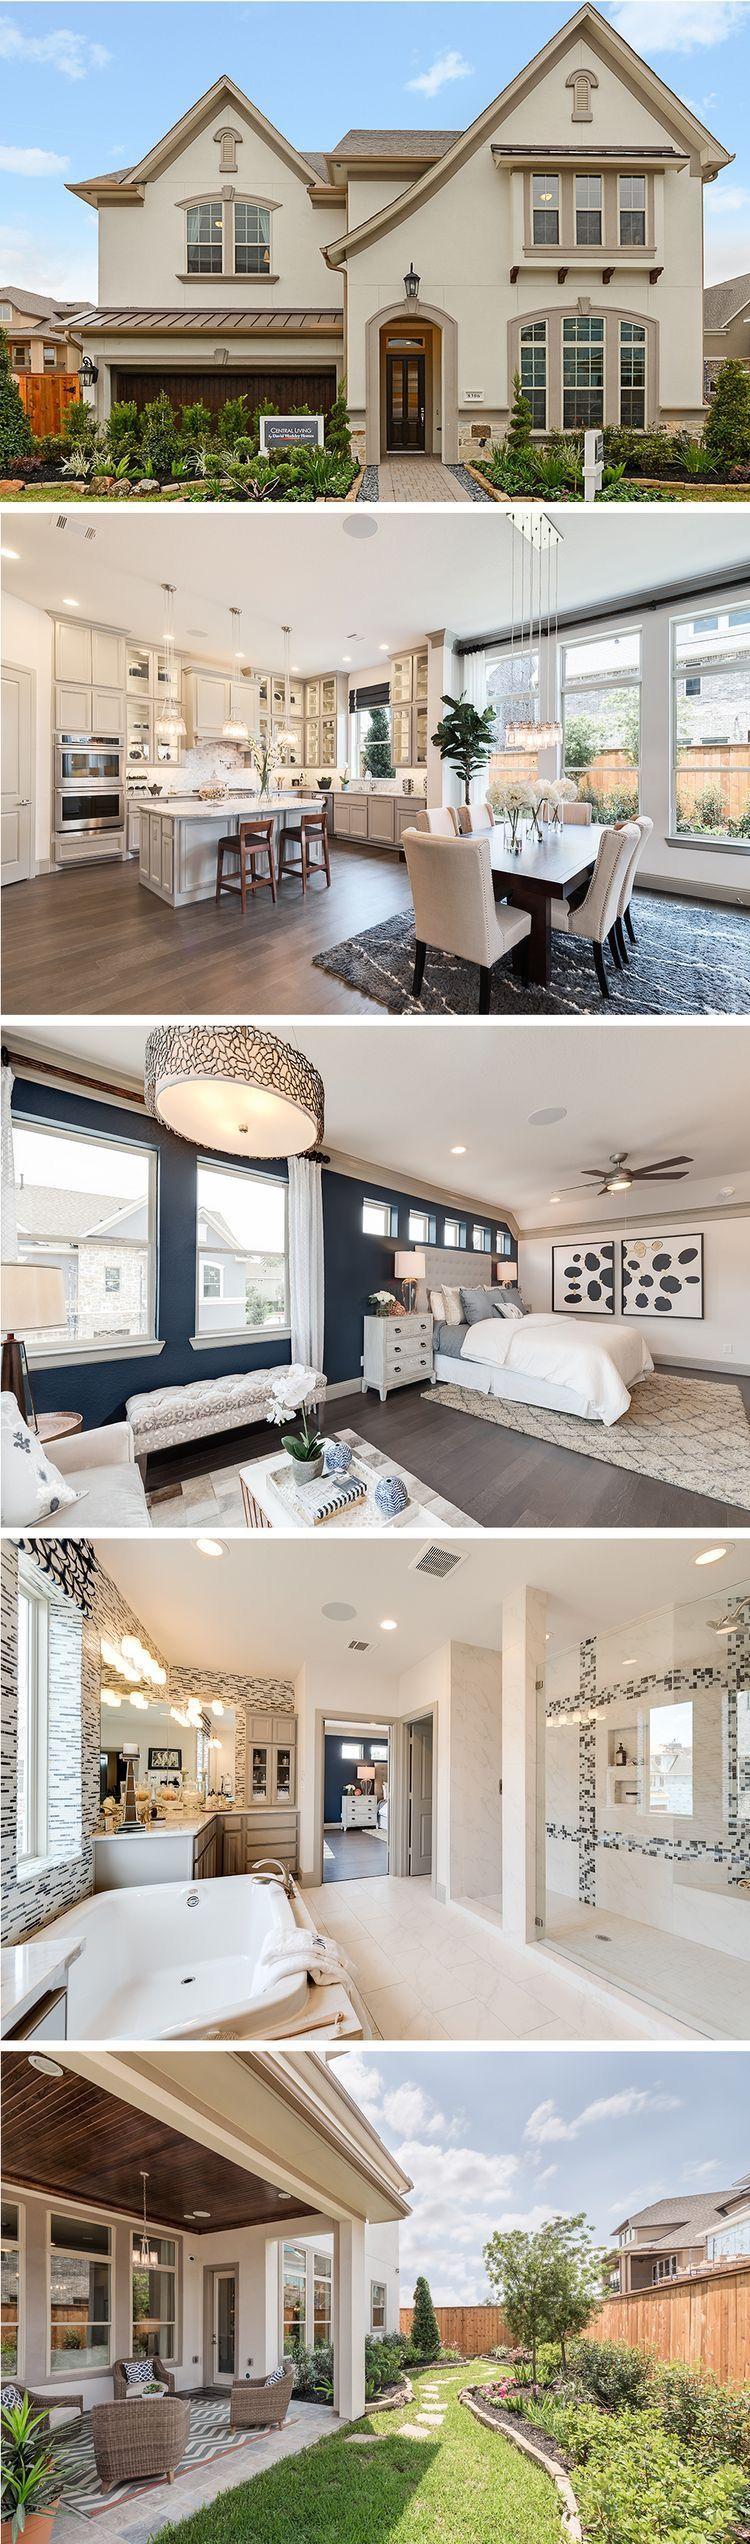 Pin von Chermaine Pun auf Home decor ideas | Pinterest | Moderne ...